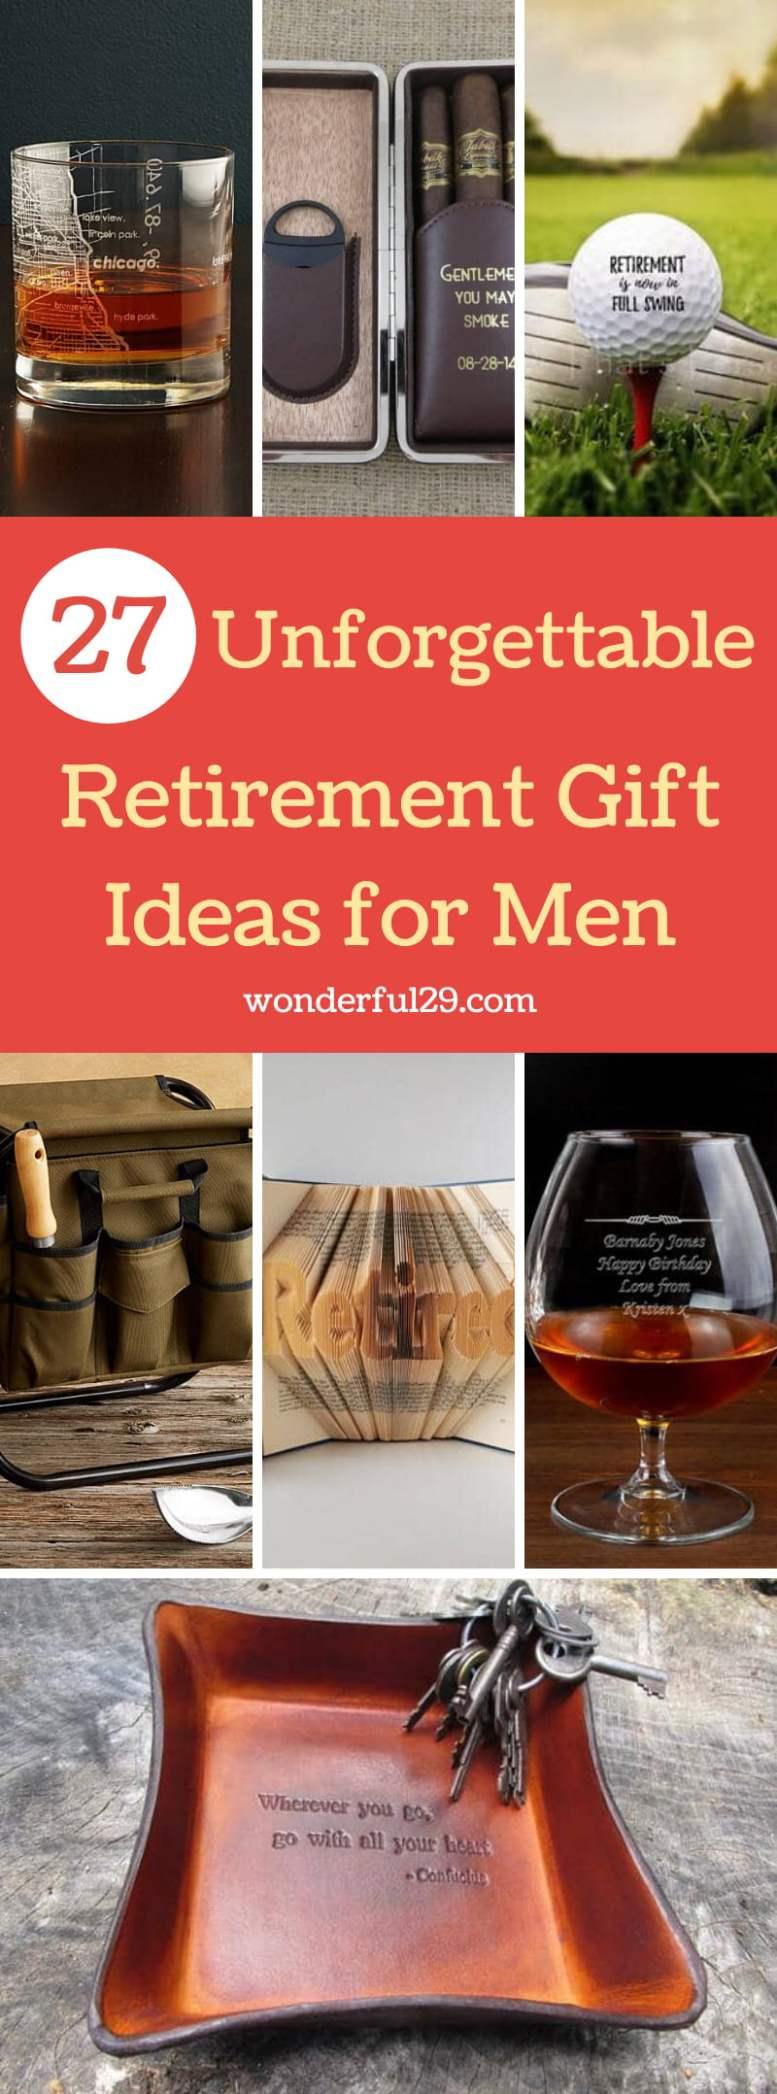 Retirement Gift Ideas for Men